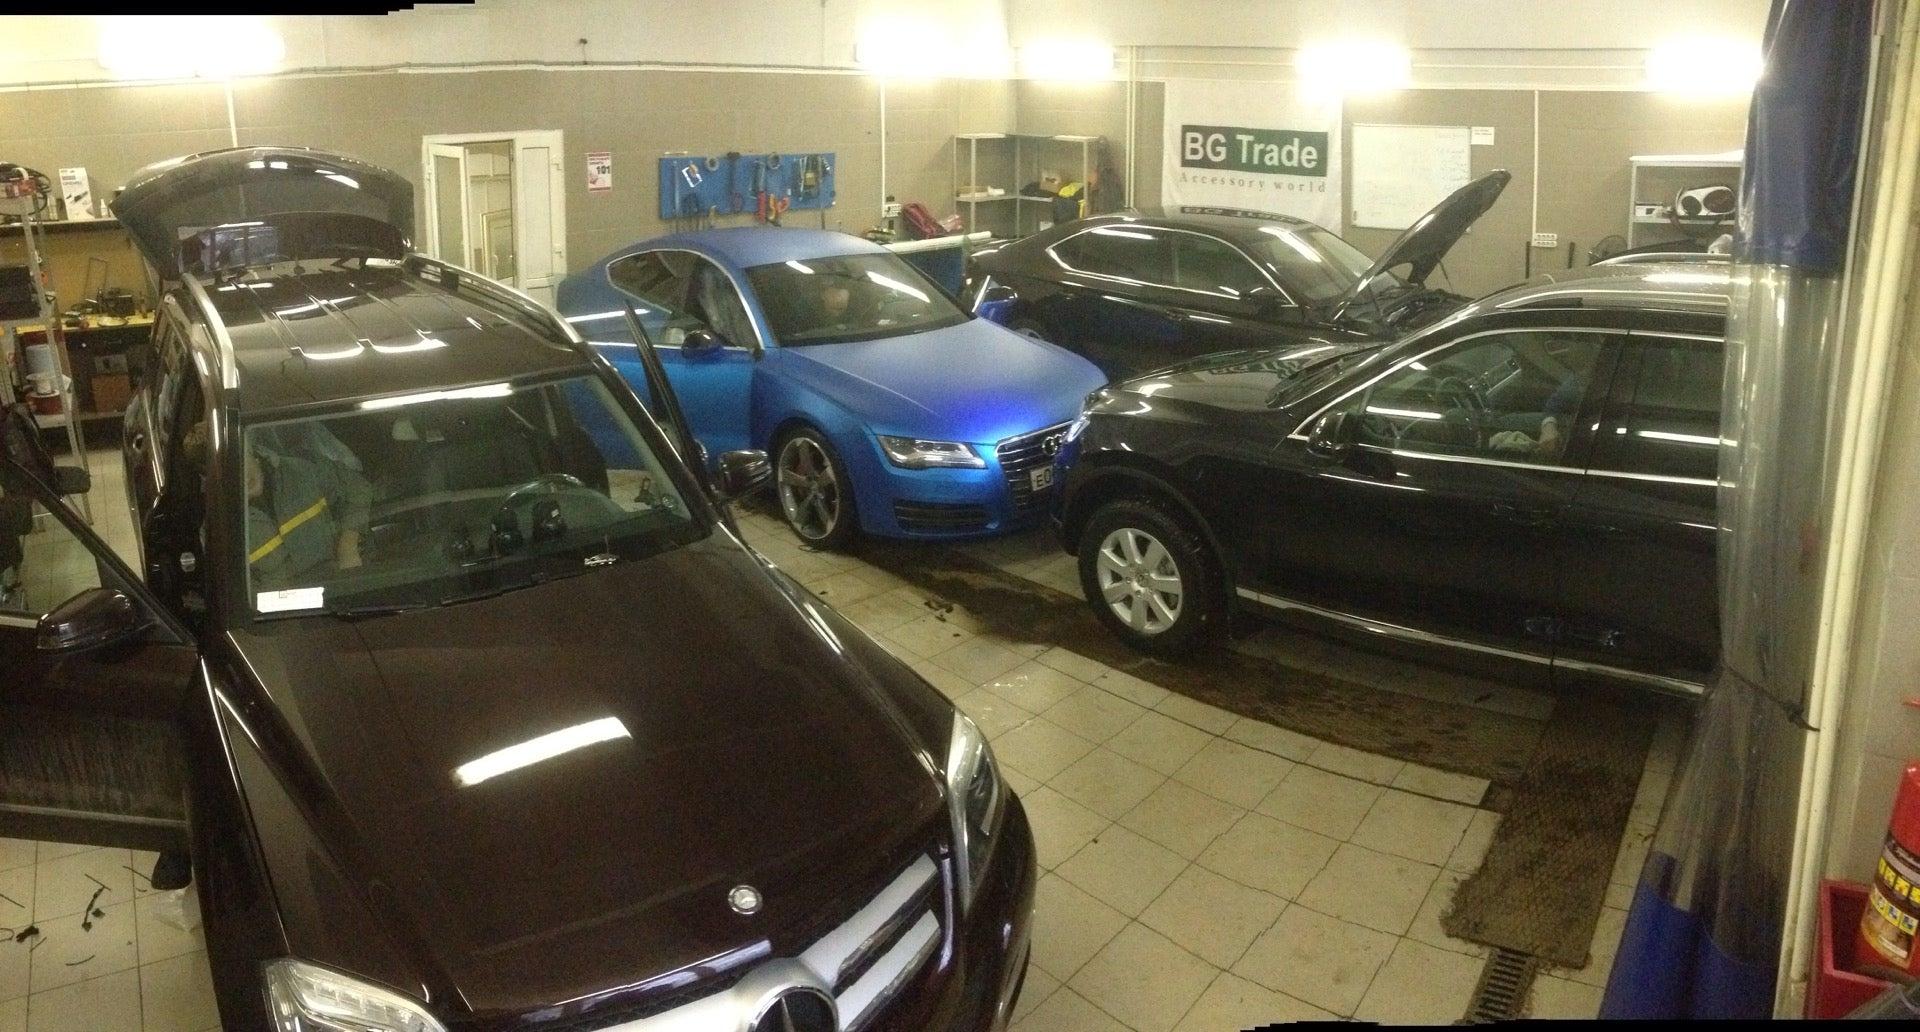 Автомагазин BGT Shop в Москве - отзывы, фото и адрес. Все магазины ... 0d4178d31c1